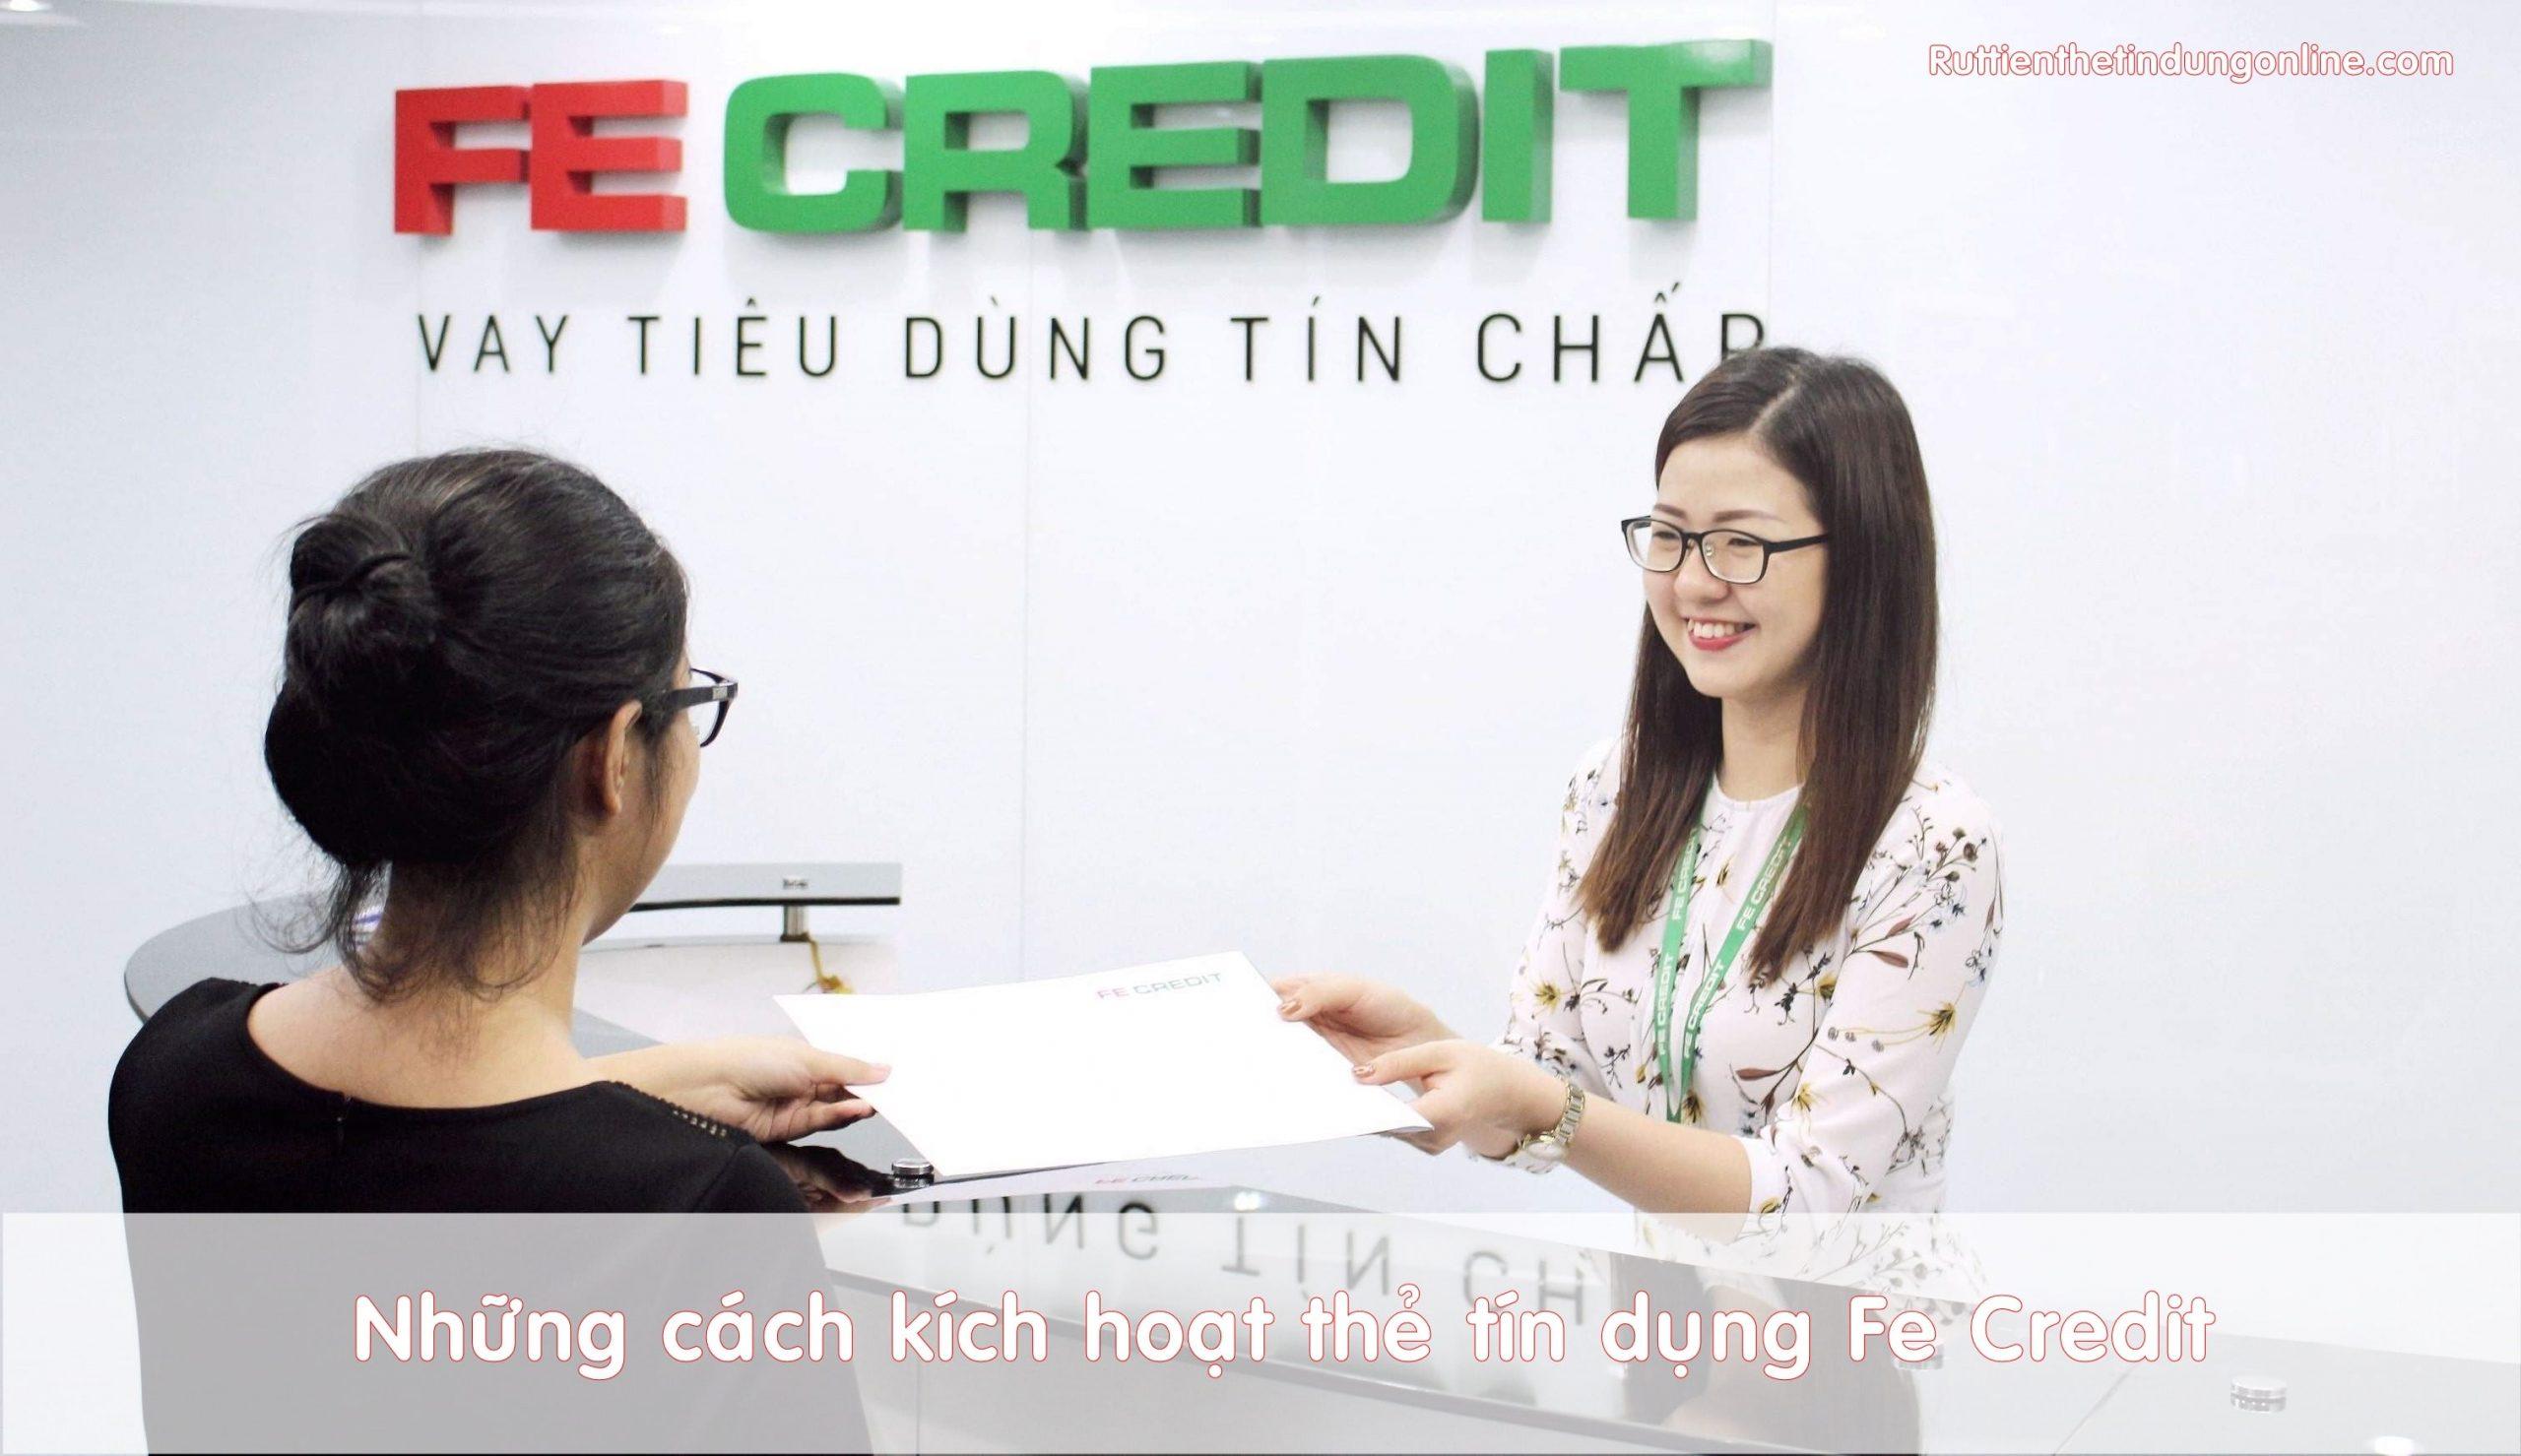 khong kich hoat the tin dung fe credit co sao khong